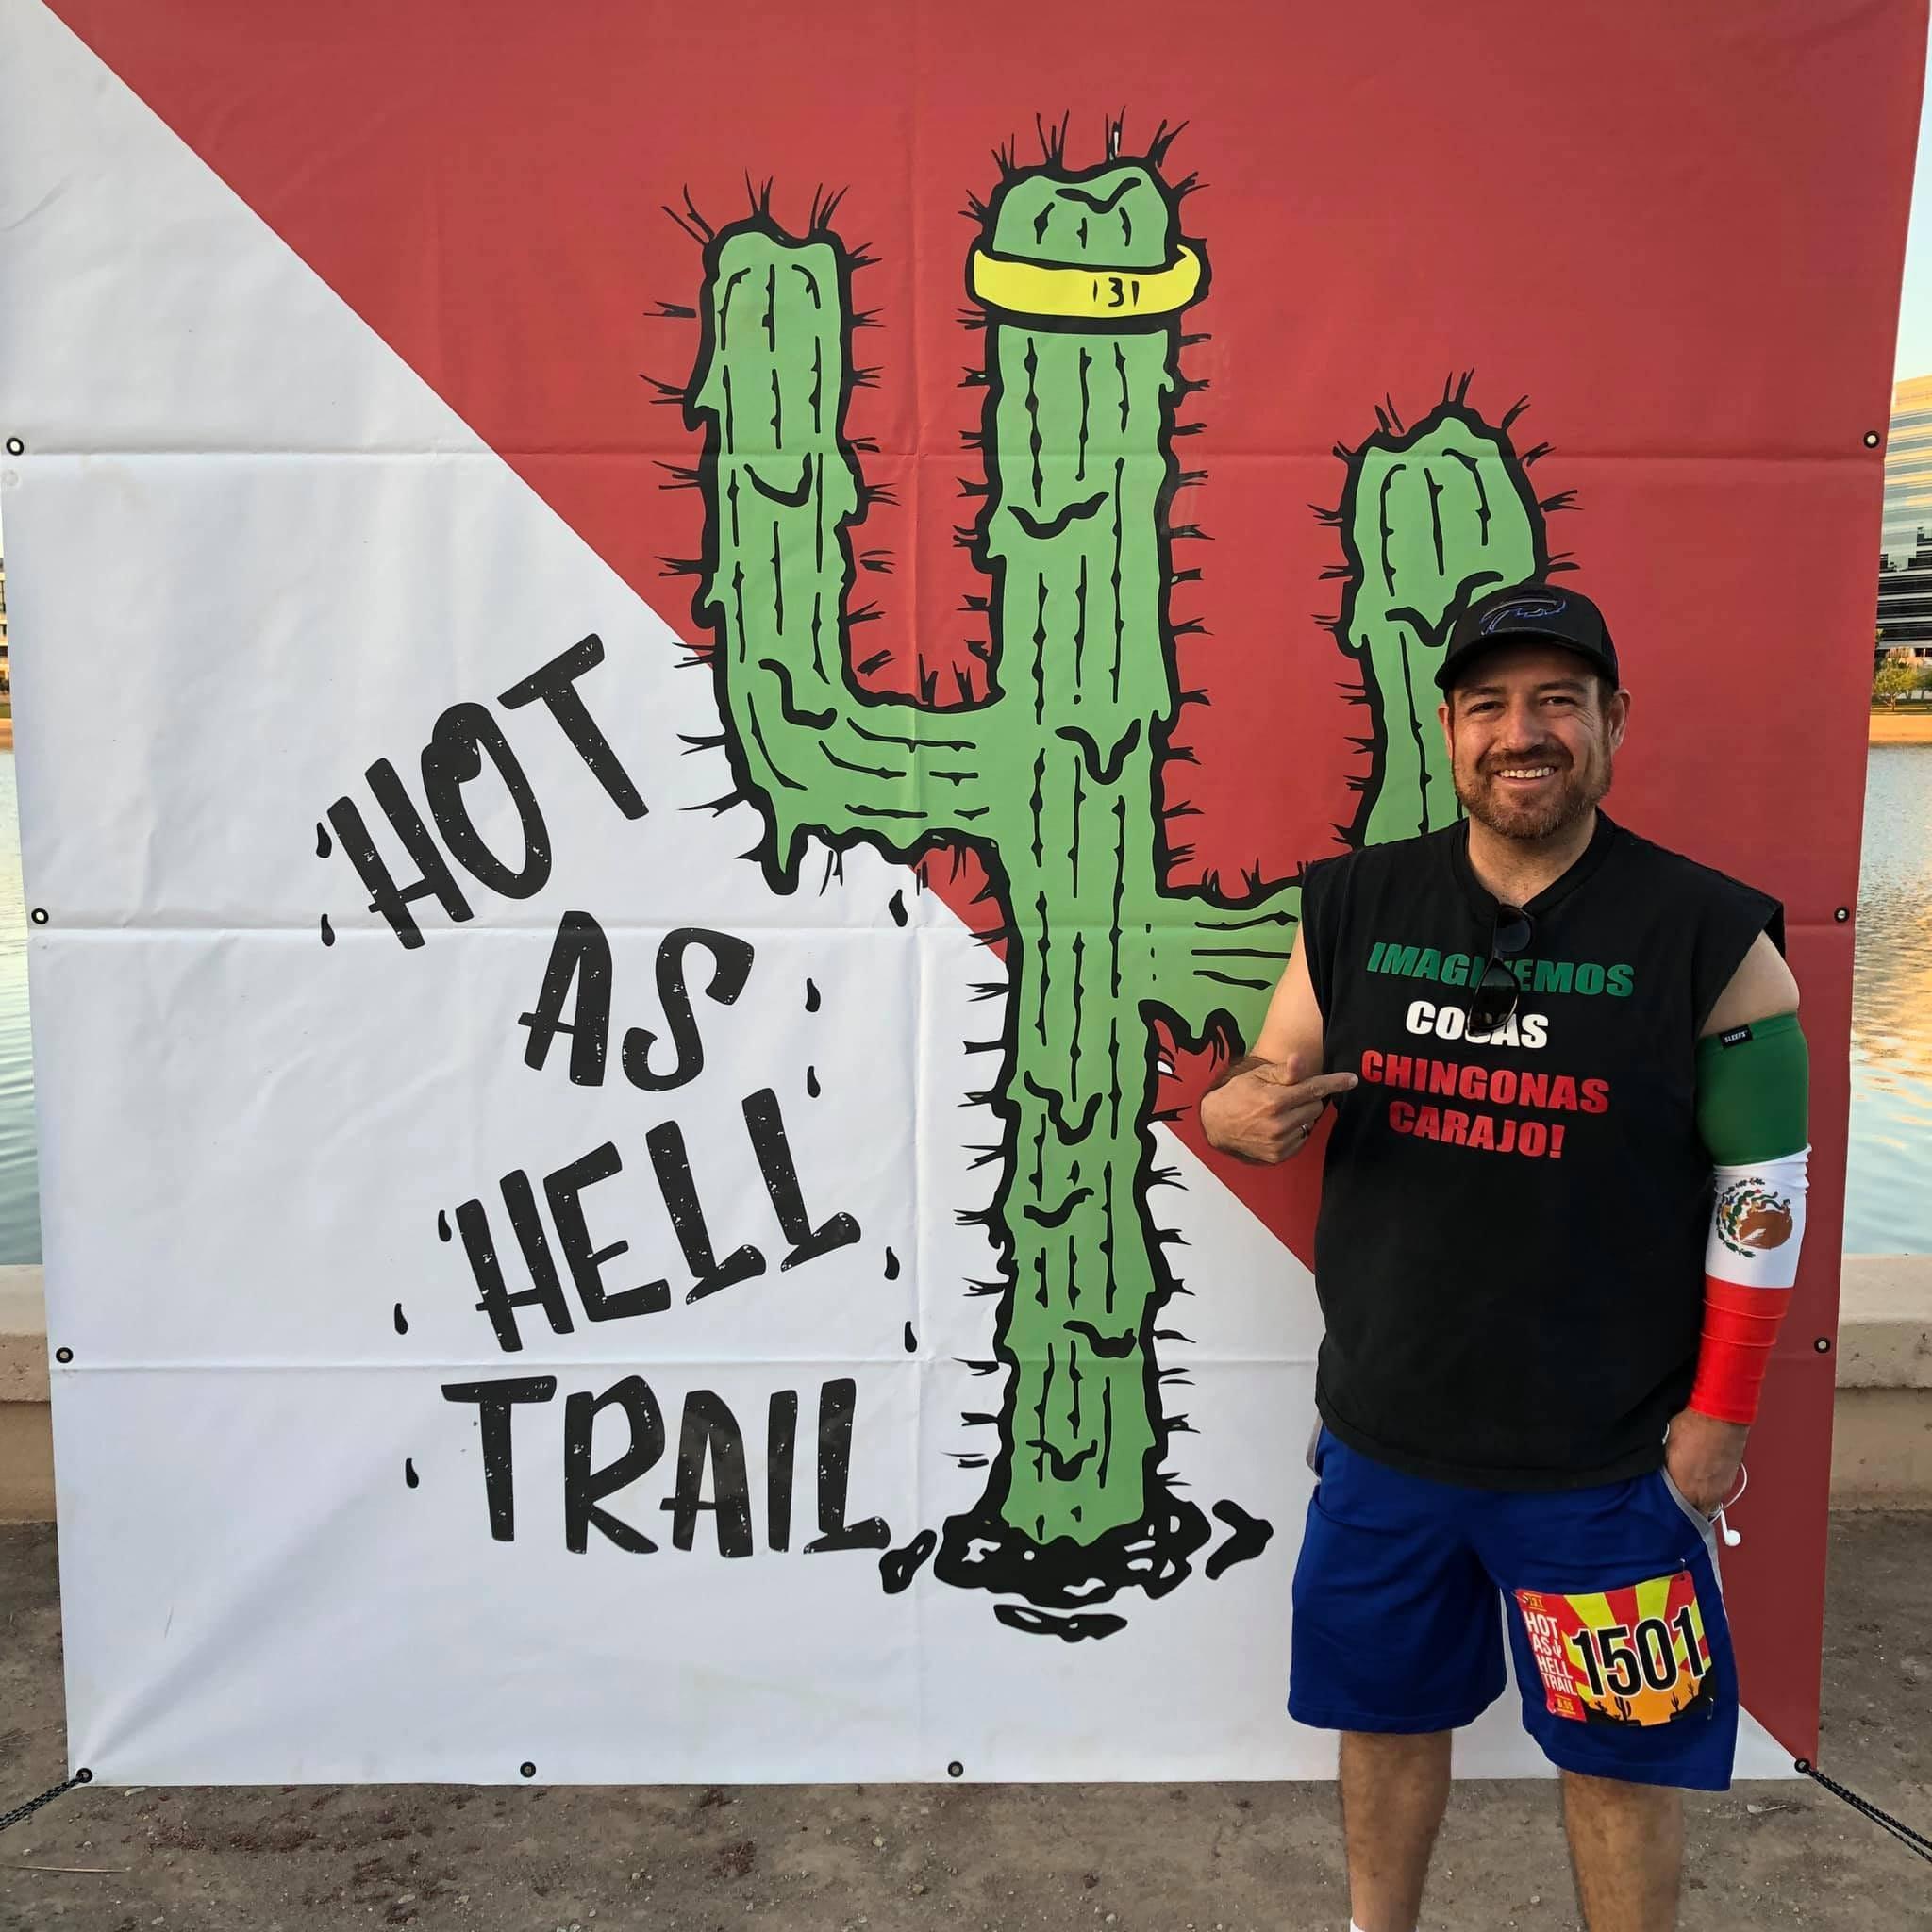 Julio Hernández es un aficionado a las carreras pedestres, hasta el día de hoy a participado en más de 100, incluidos medios maratones.